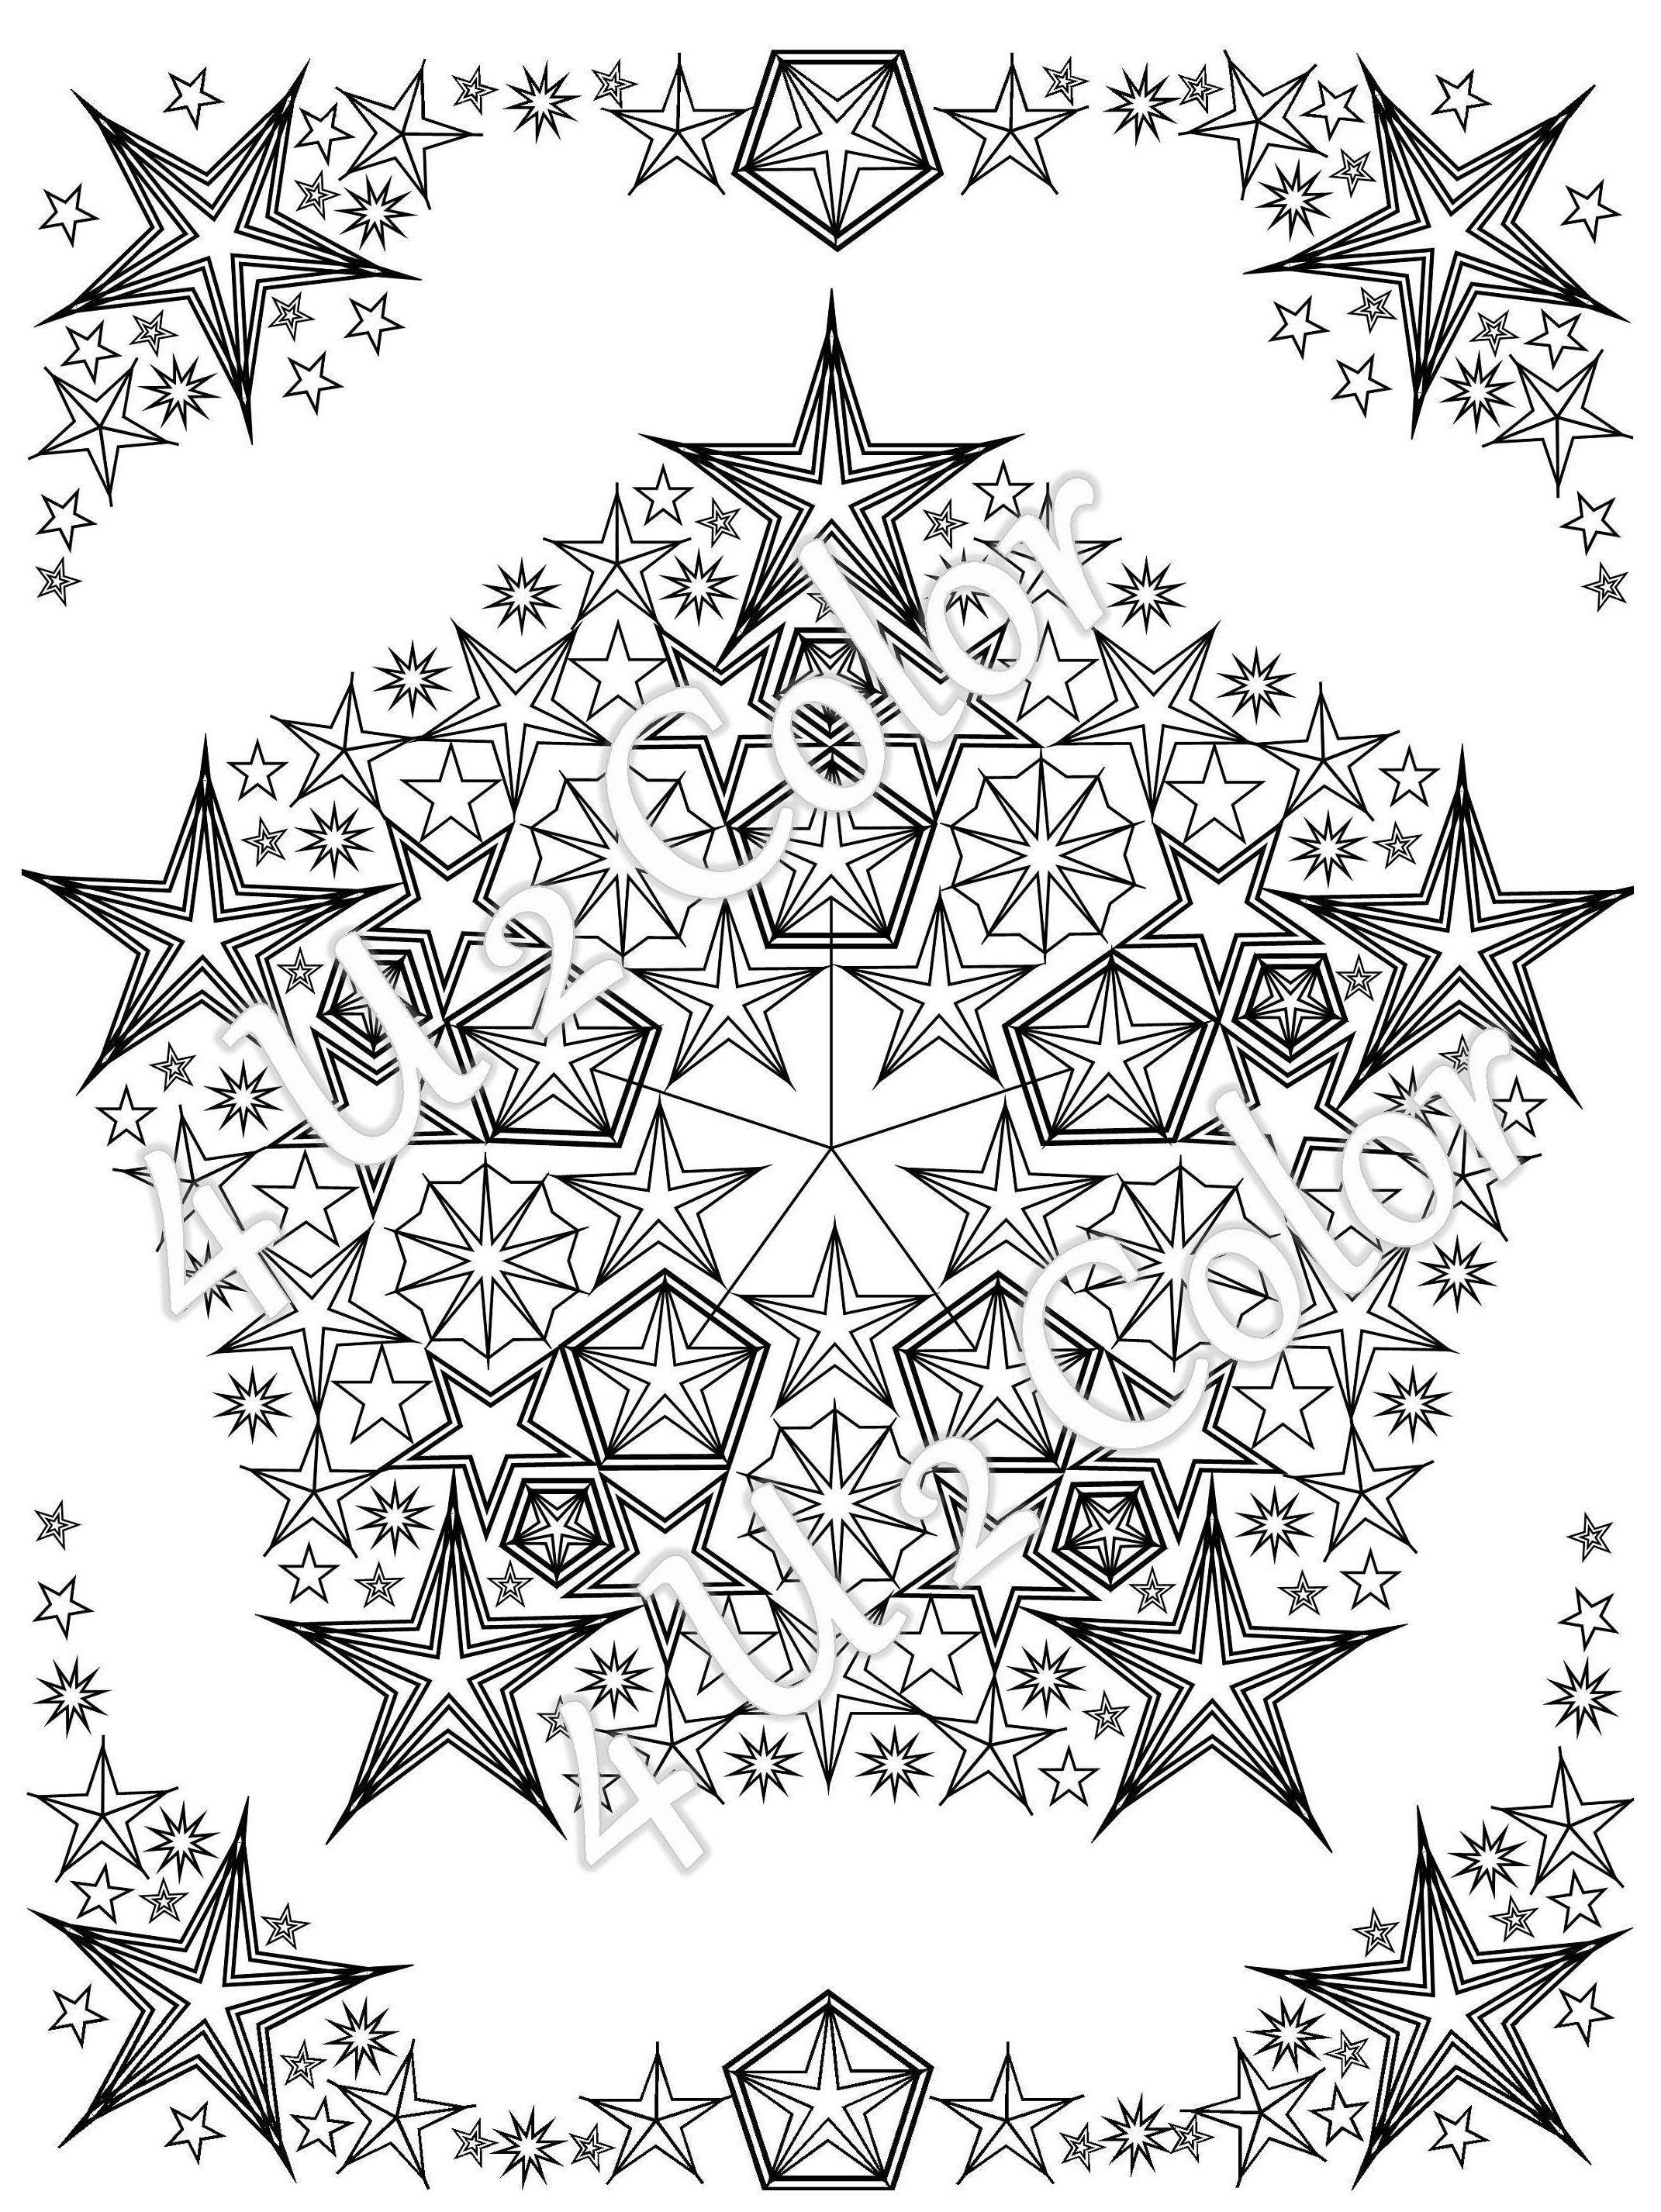 Star Mandala 2 Coloring Page Star Mandala Coloring Page Etsy In 2020 Star Coloring Pages Mandala Coloring Coloring Pages